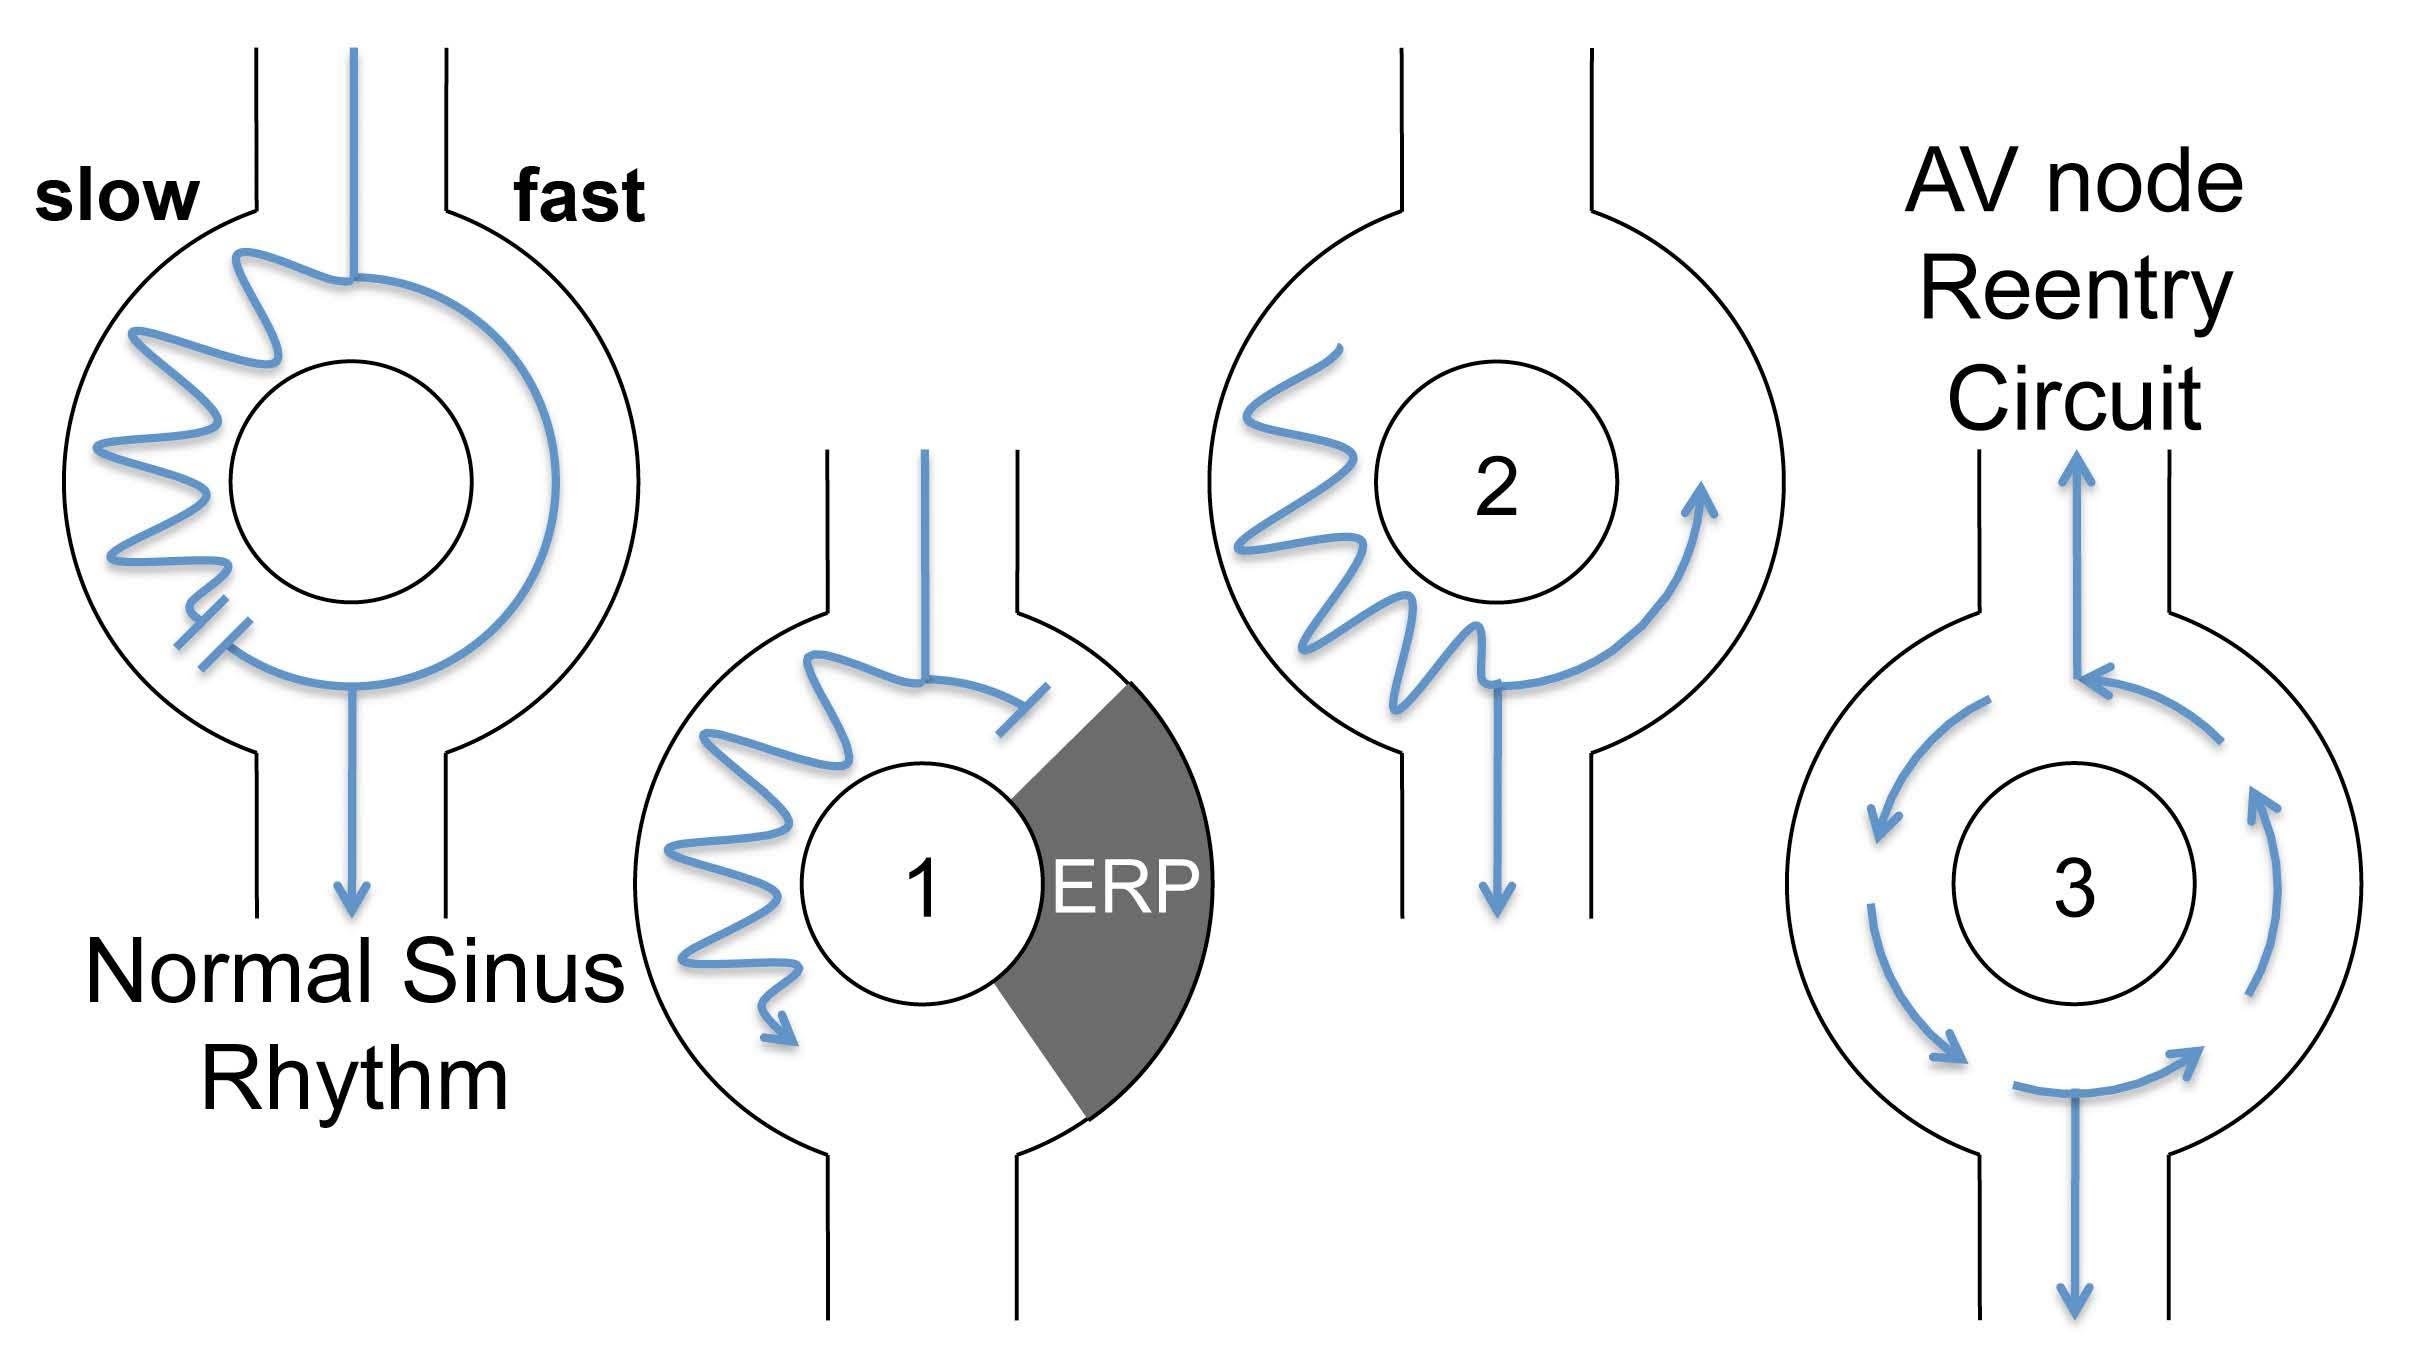 Hızlı-yavaş AVNRT'de yavaş-hızlı reentry mekanizması Kaynak: lifeinthefastlane.com - ECG library